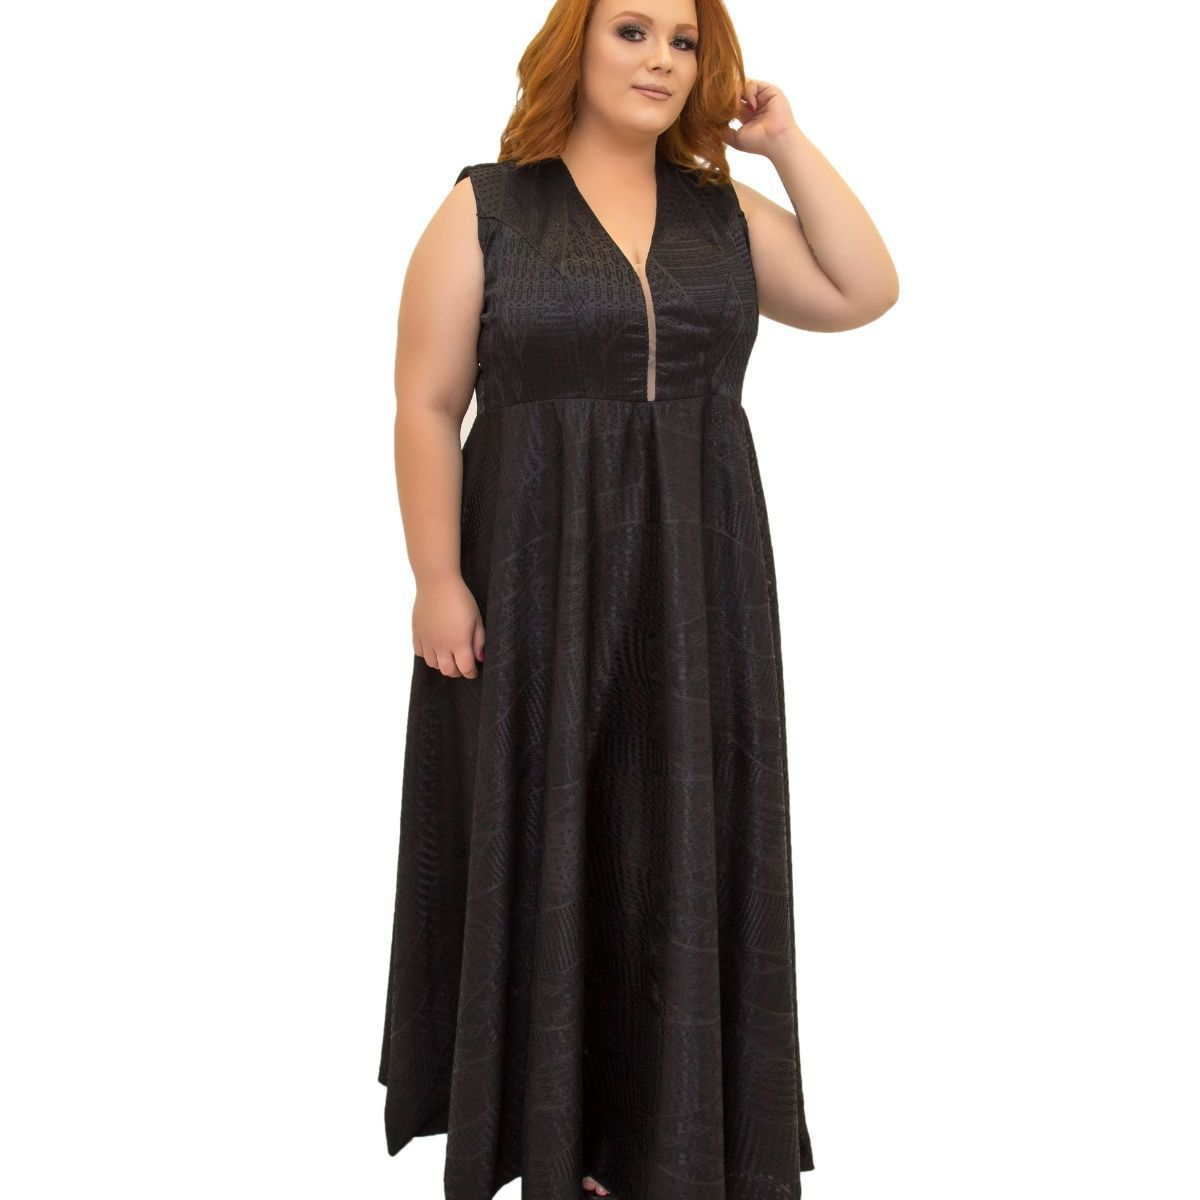 Vestido Plus Size Decotado